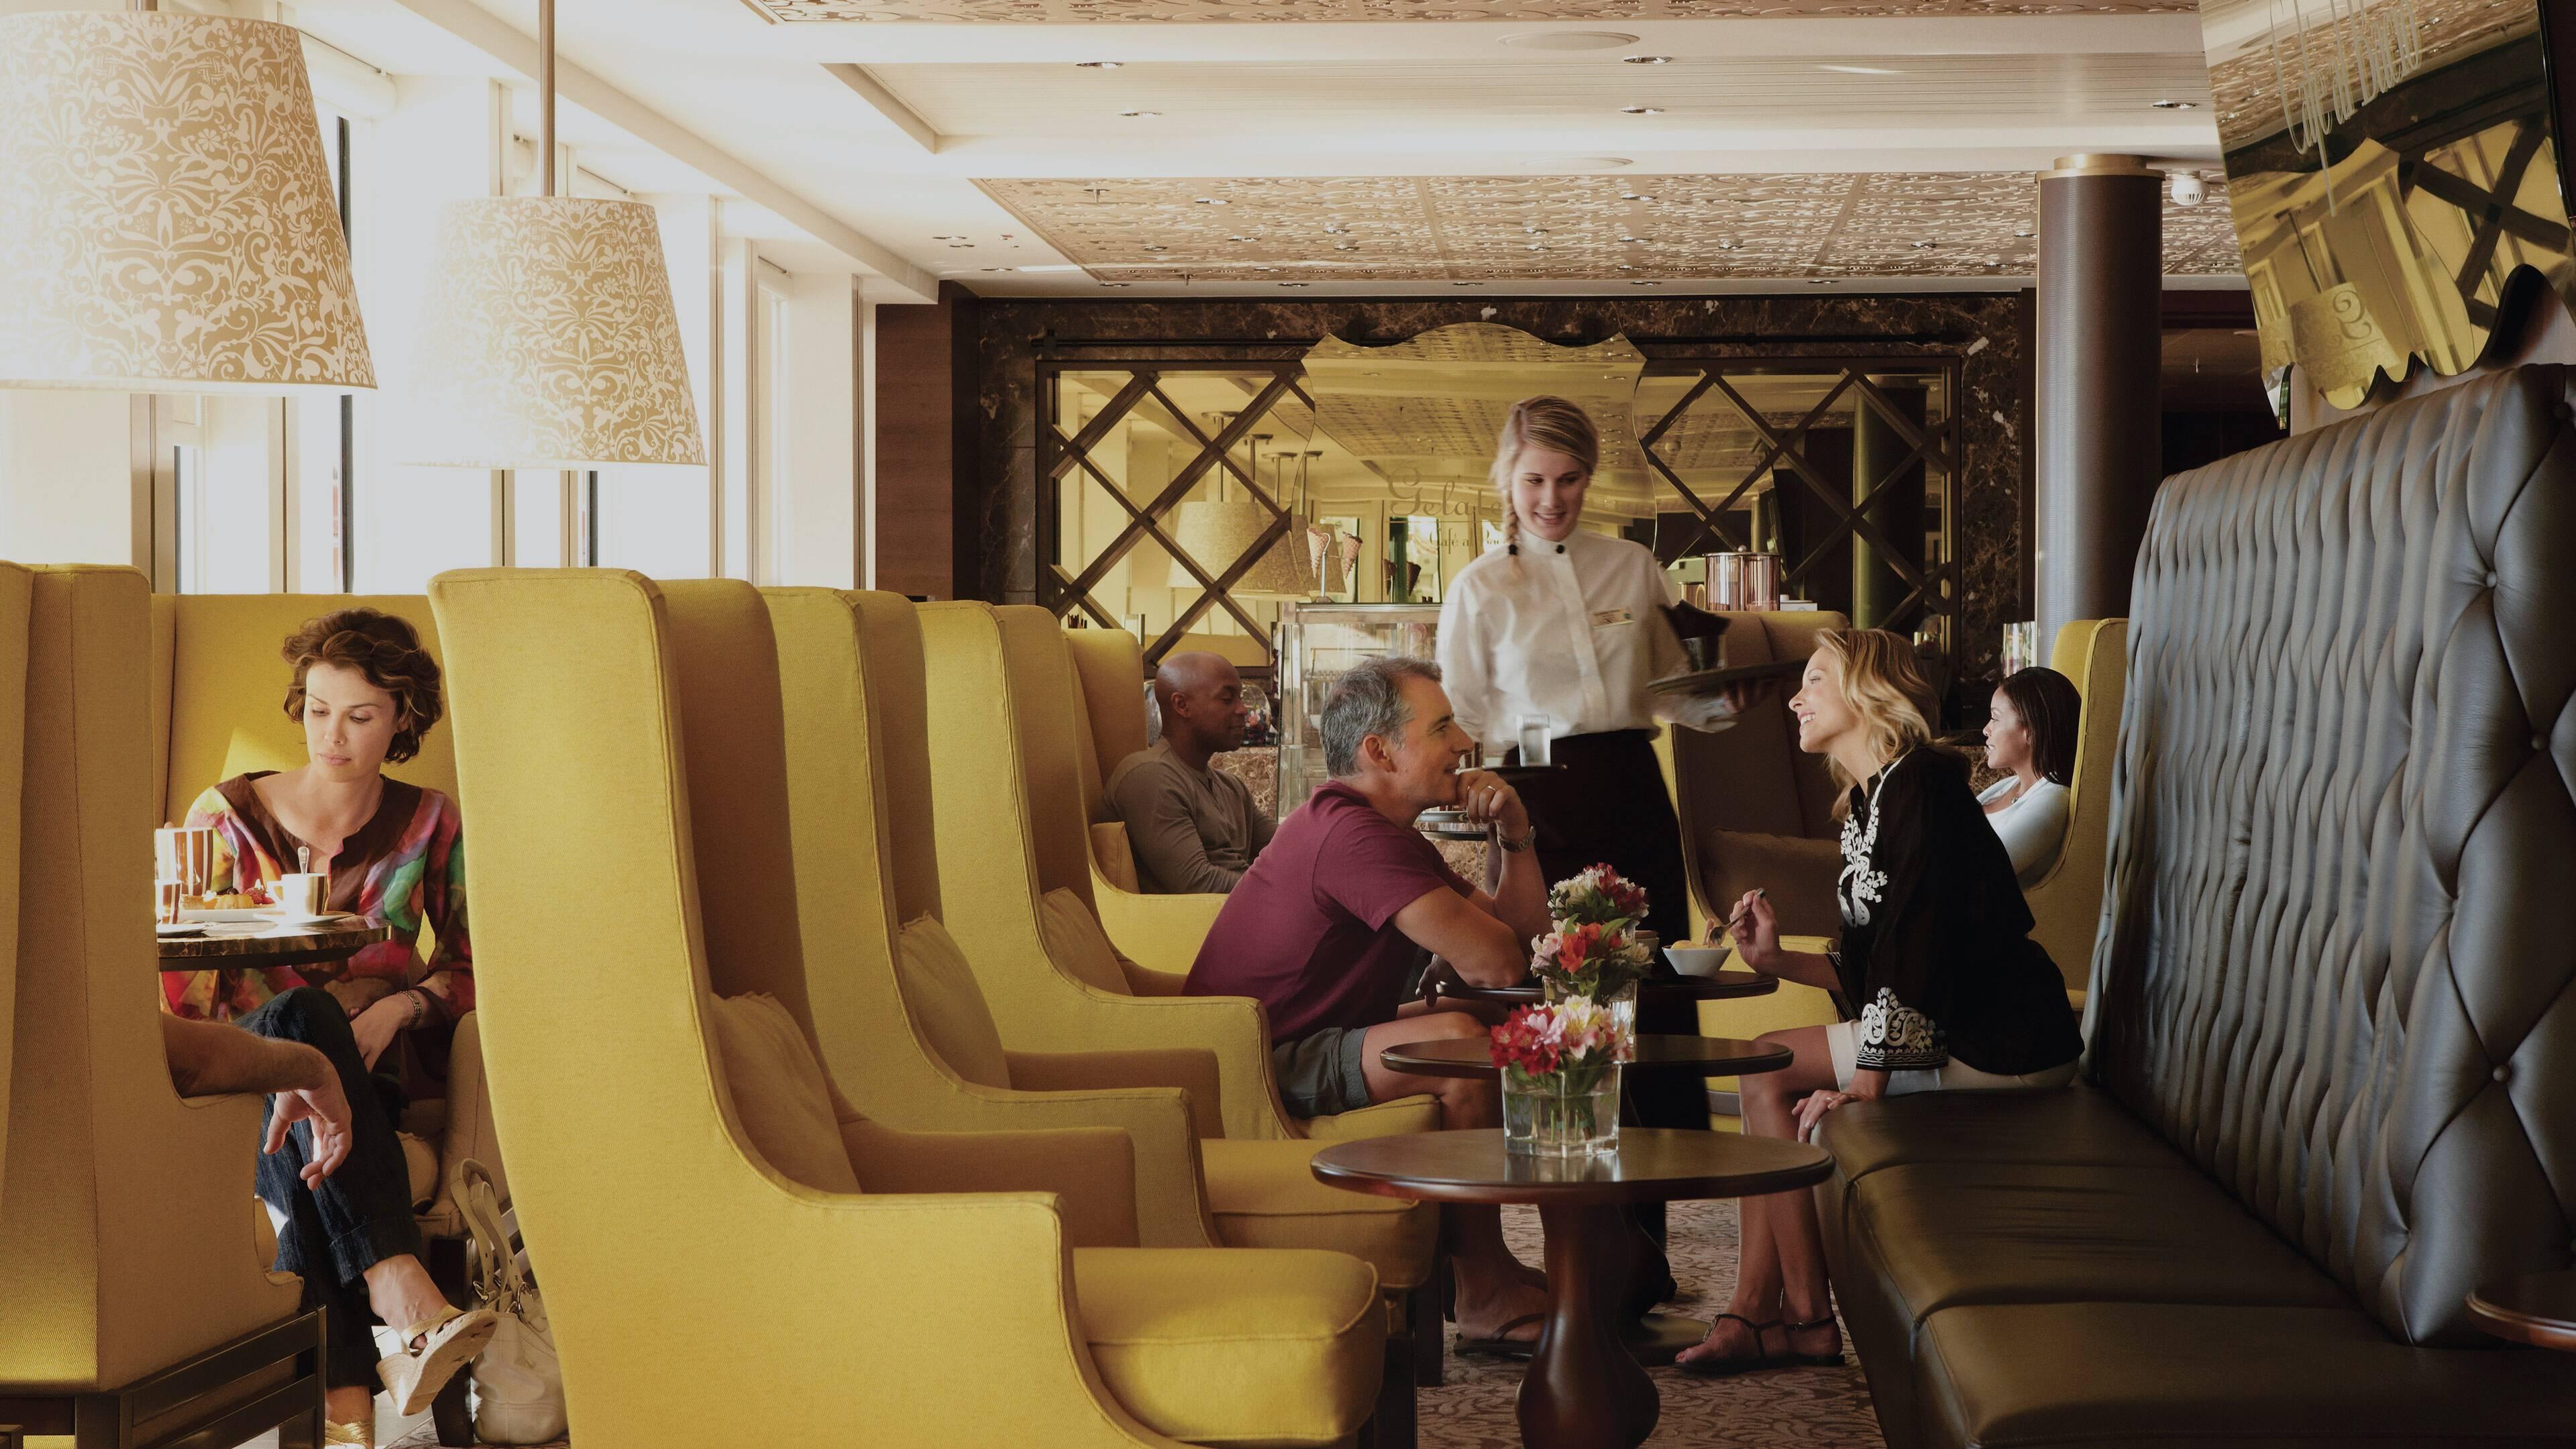 咖啡冰激凌店 Café Al Bacio & Gelateria